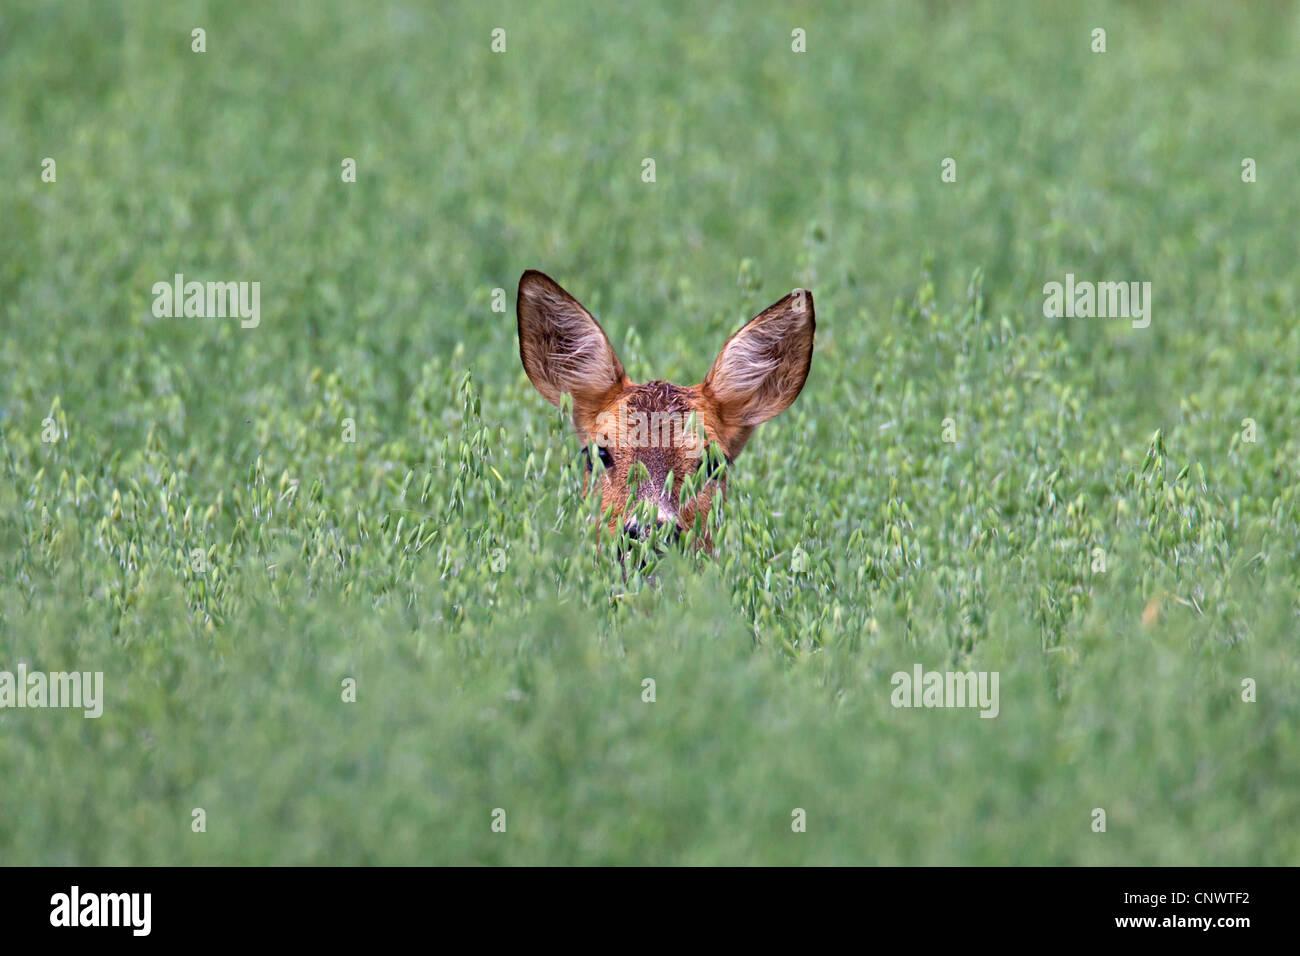 Il capriolo (Capreolus capreolus) femmina nascondere nel campo di avena, Germania Immagini Stock